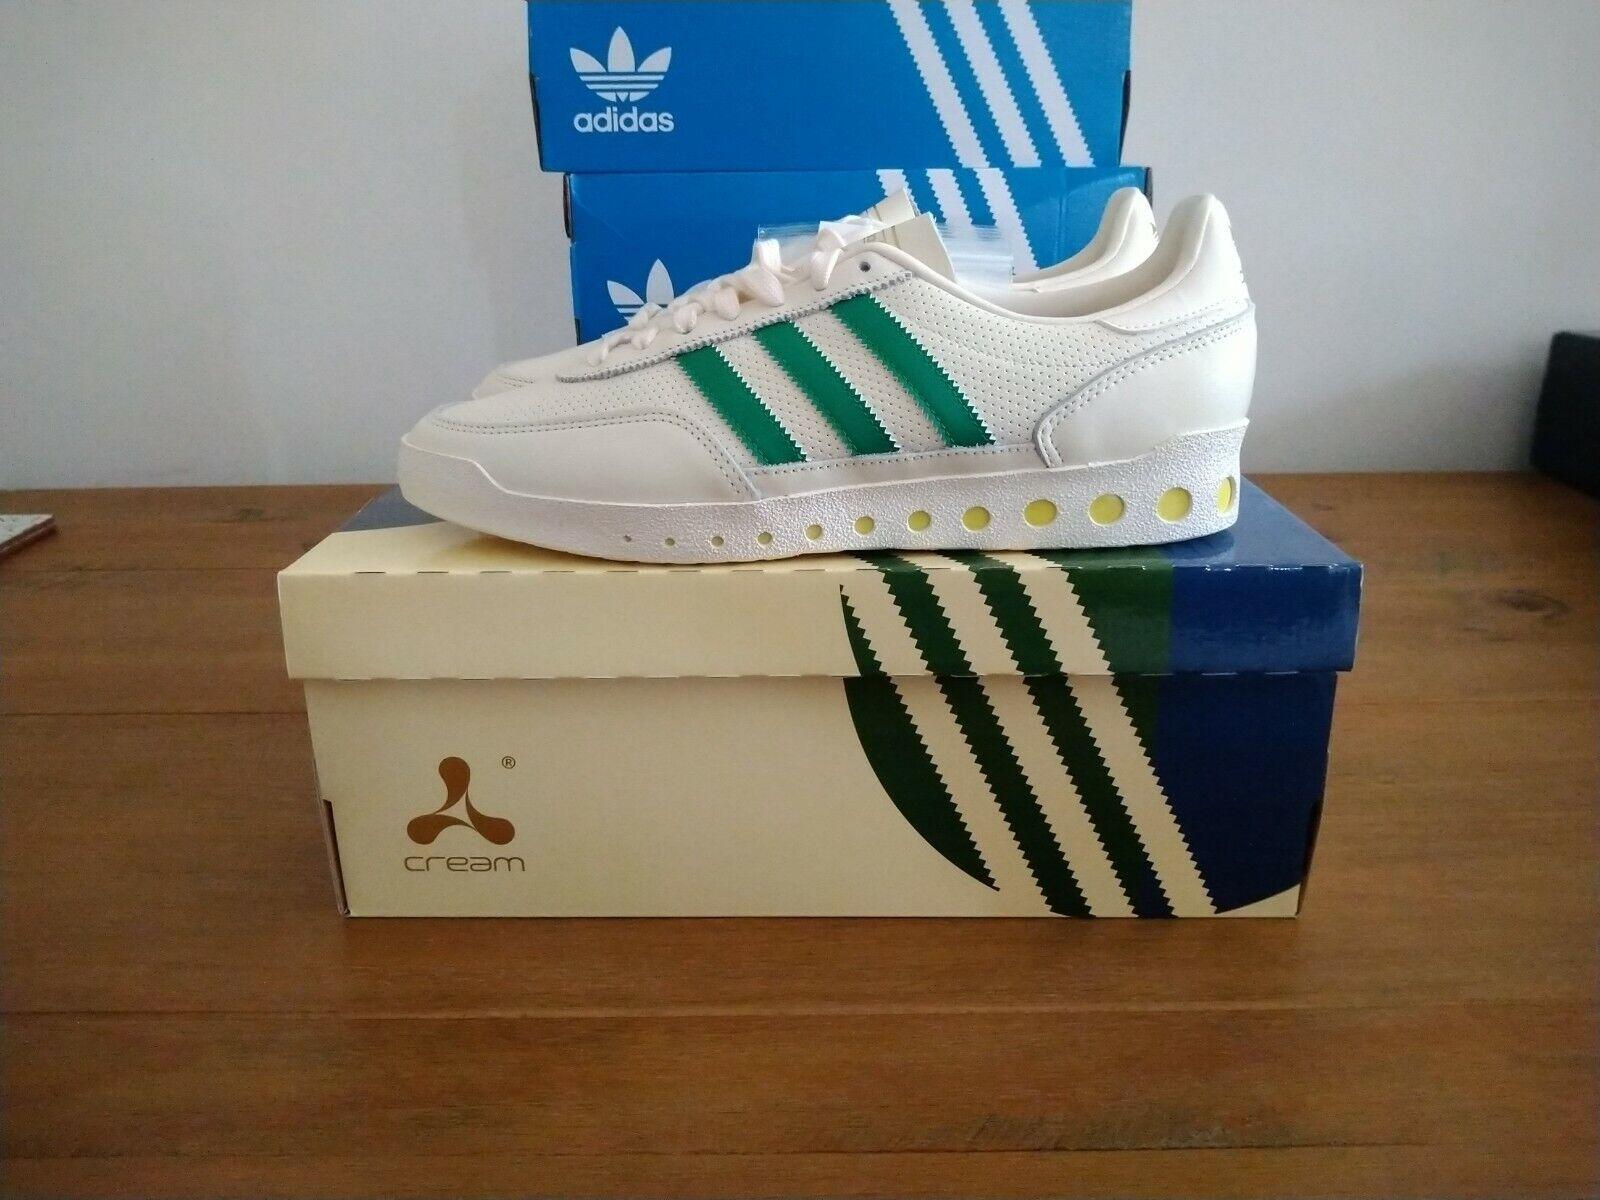 Adidas Originals X Cream Training PT Size 9 UK BNIBWT 1/1200